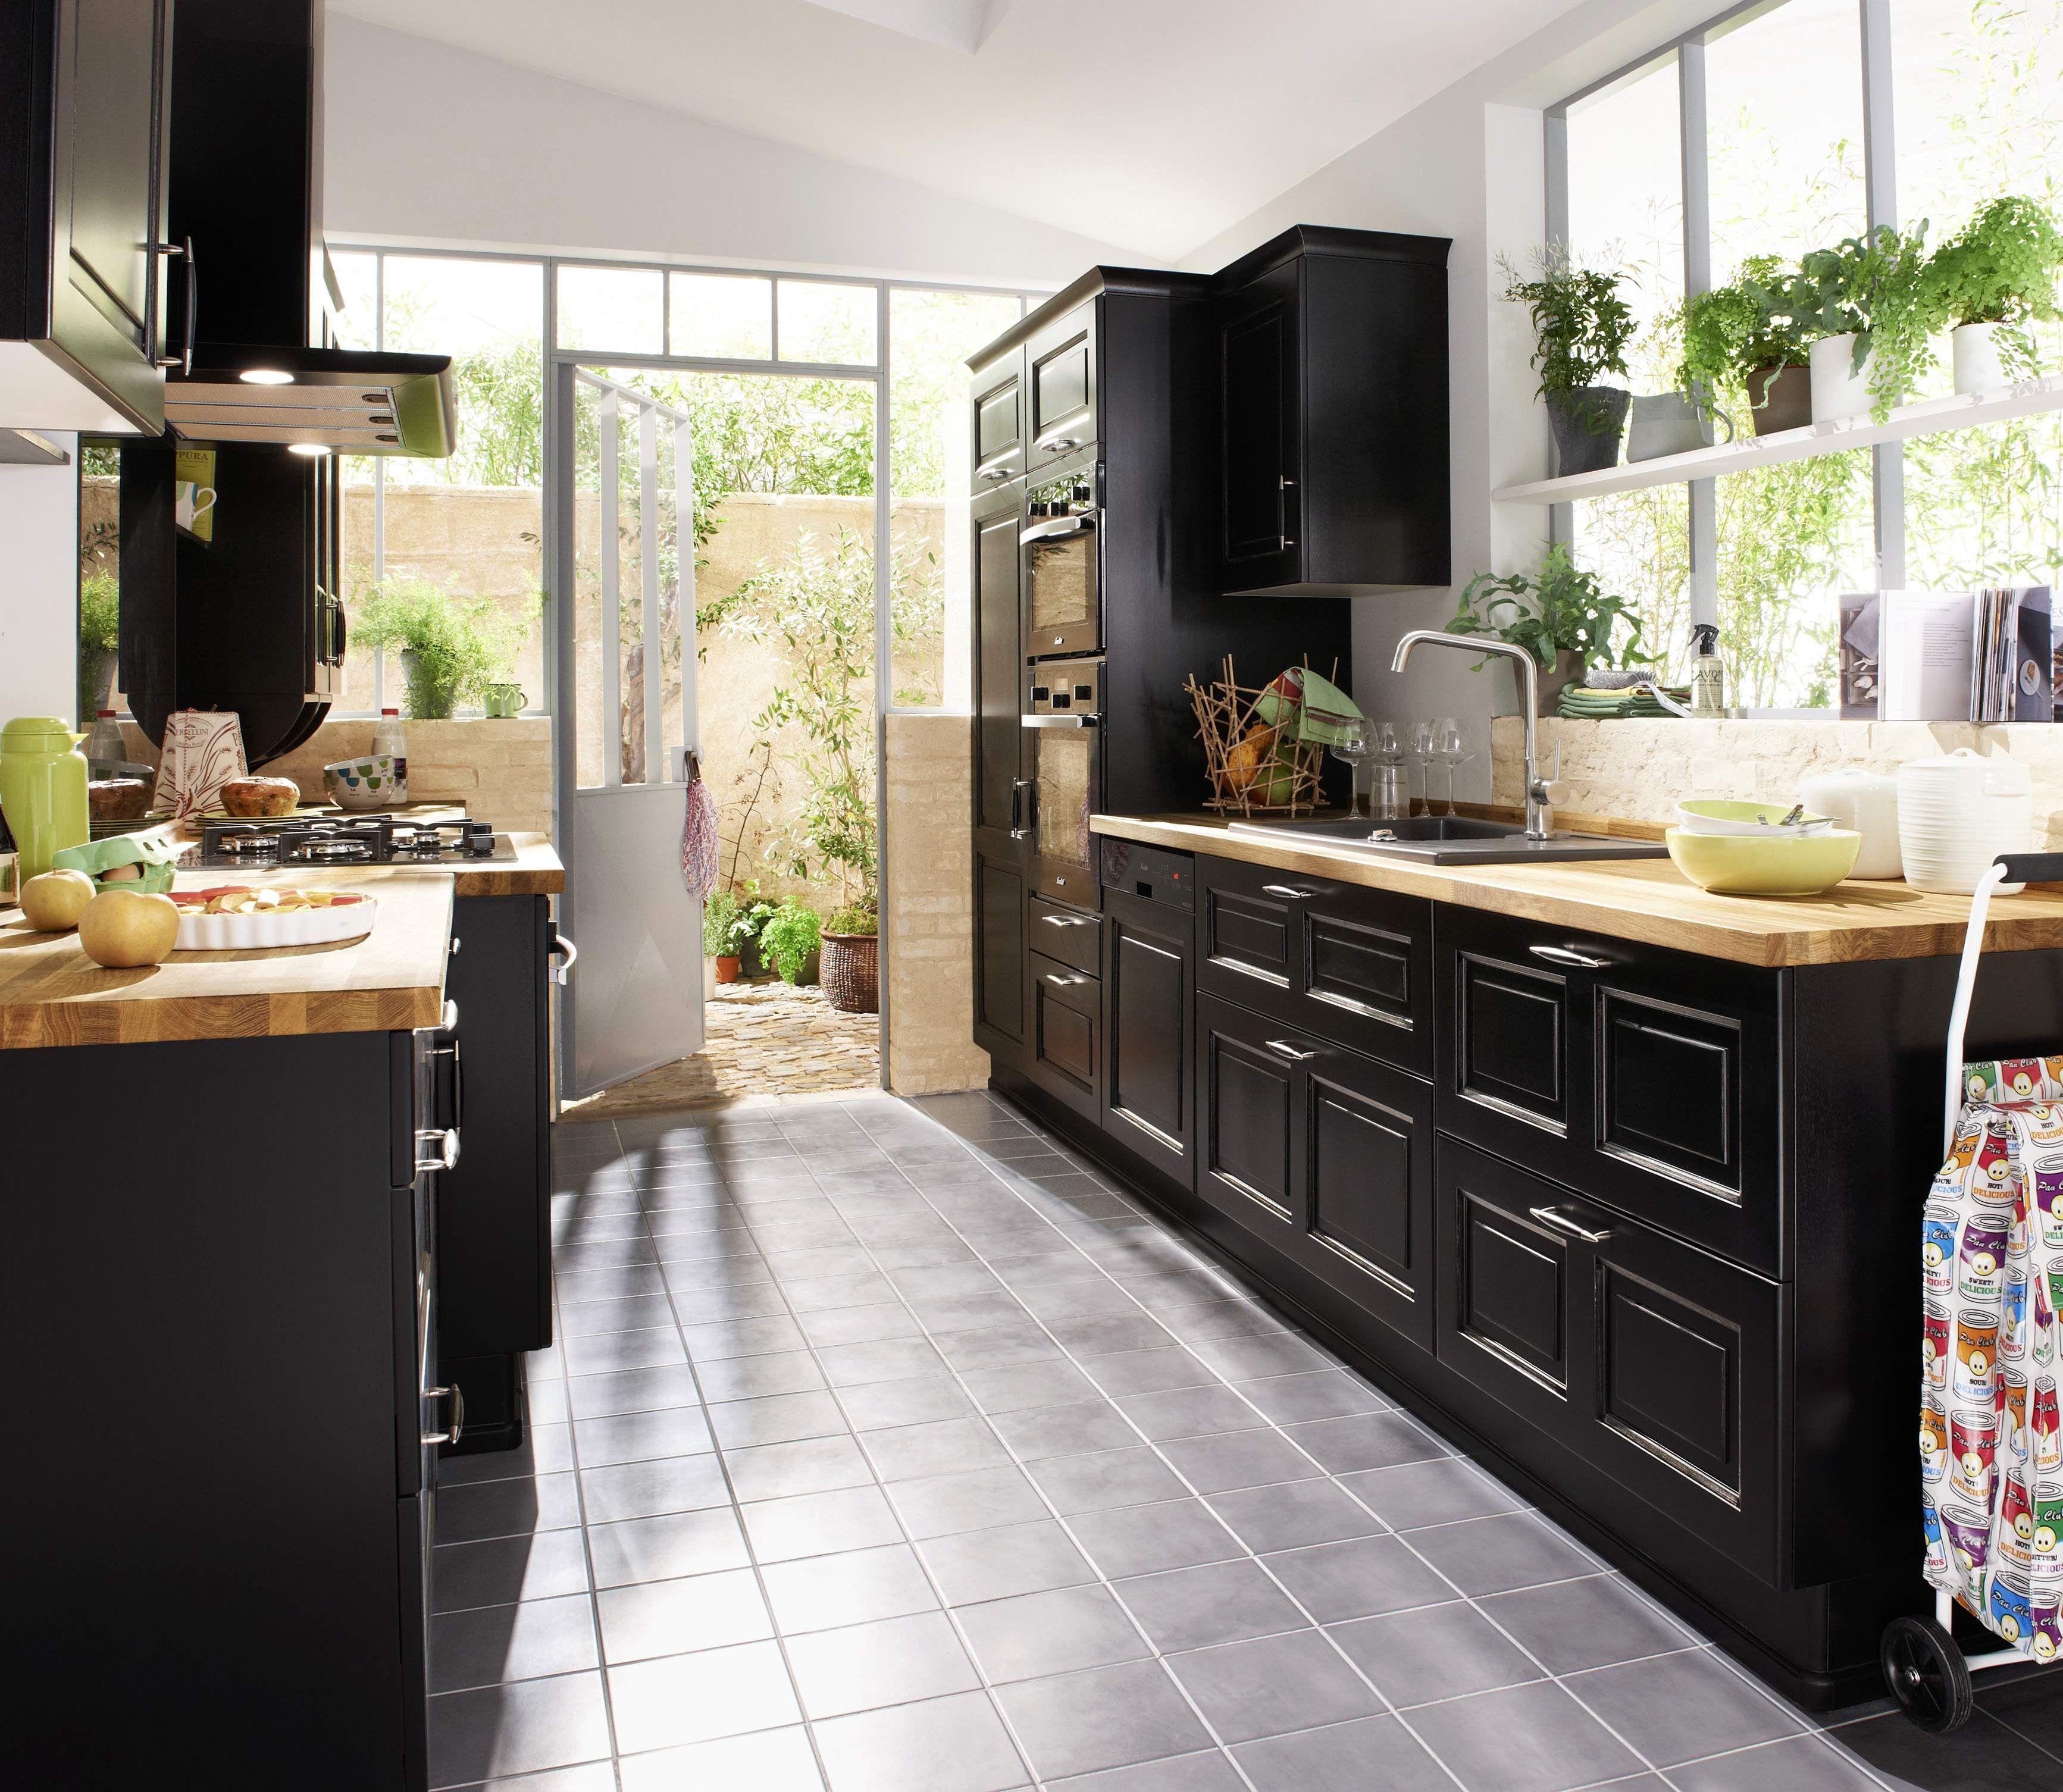 cuisine bistro noir vieilli la cuisine bistro est un mod le vintage dot d 39 un charme r tro. Black Bedroom Furniture Sets. Home Design Ideas